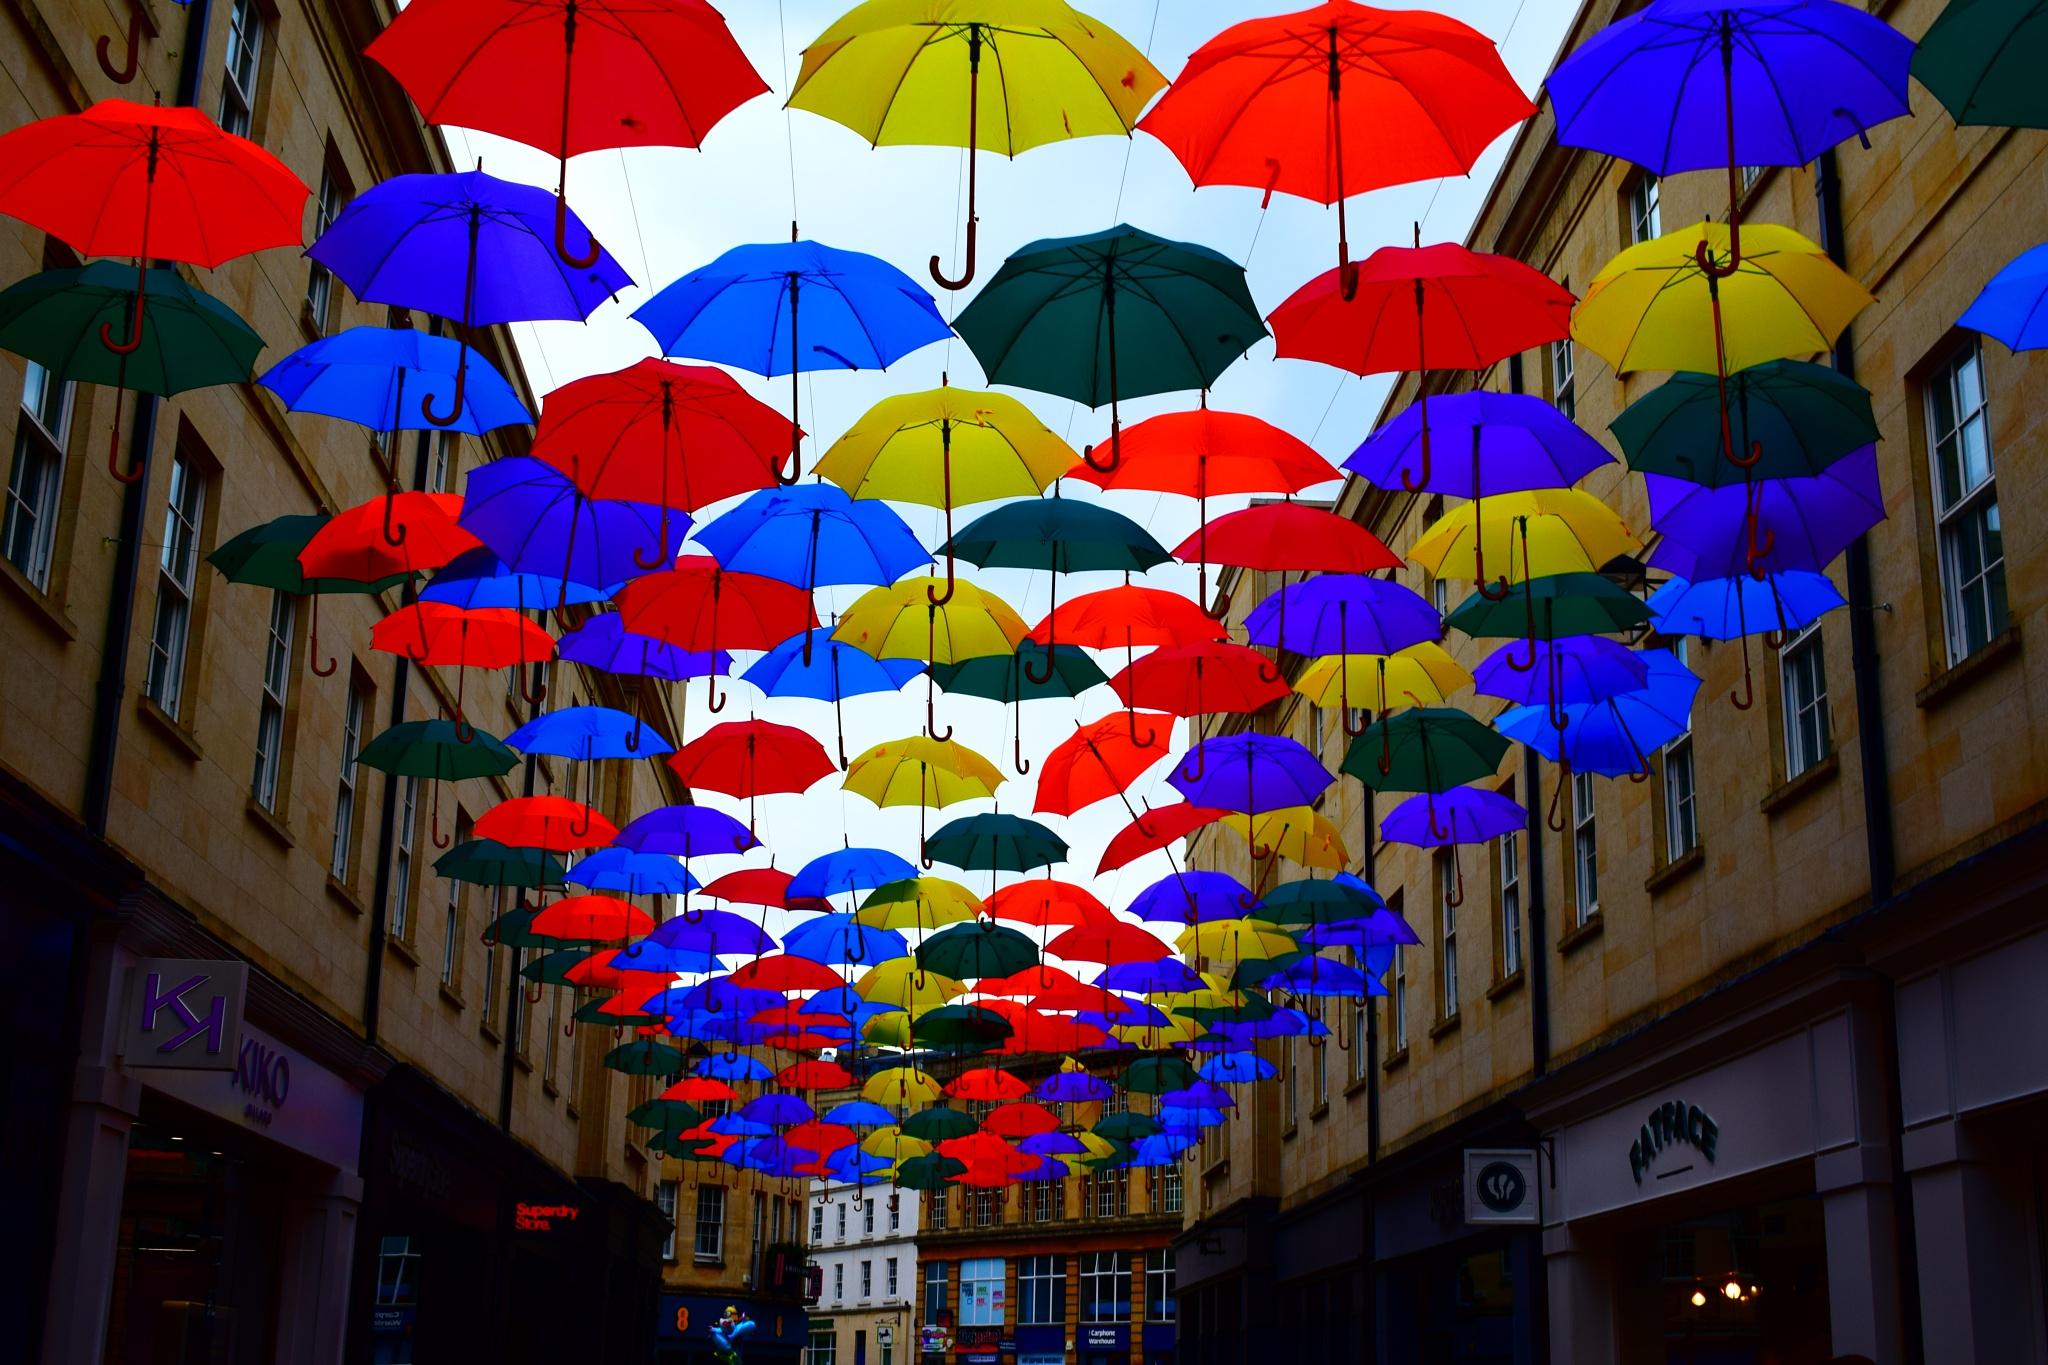 Umbrella Street by rubberheid